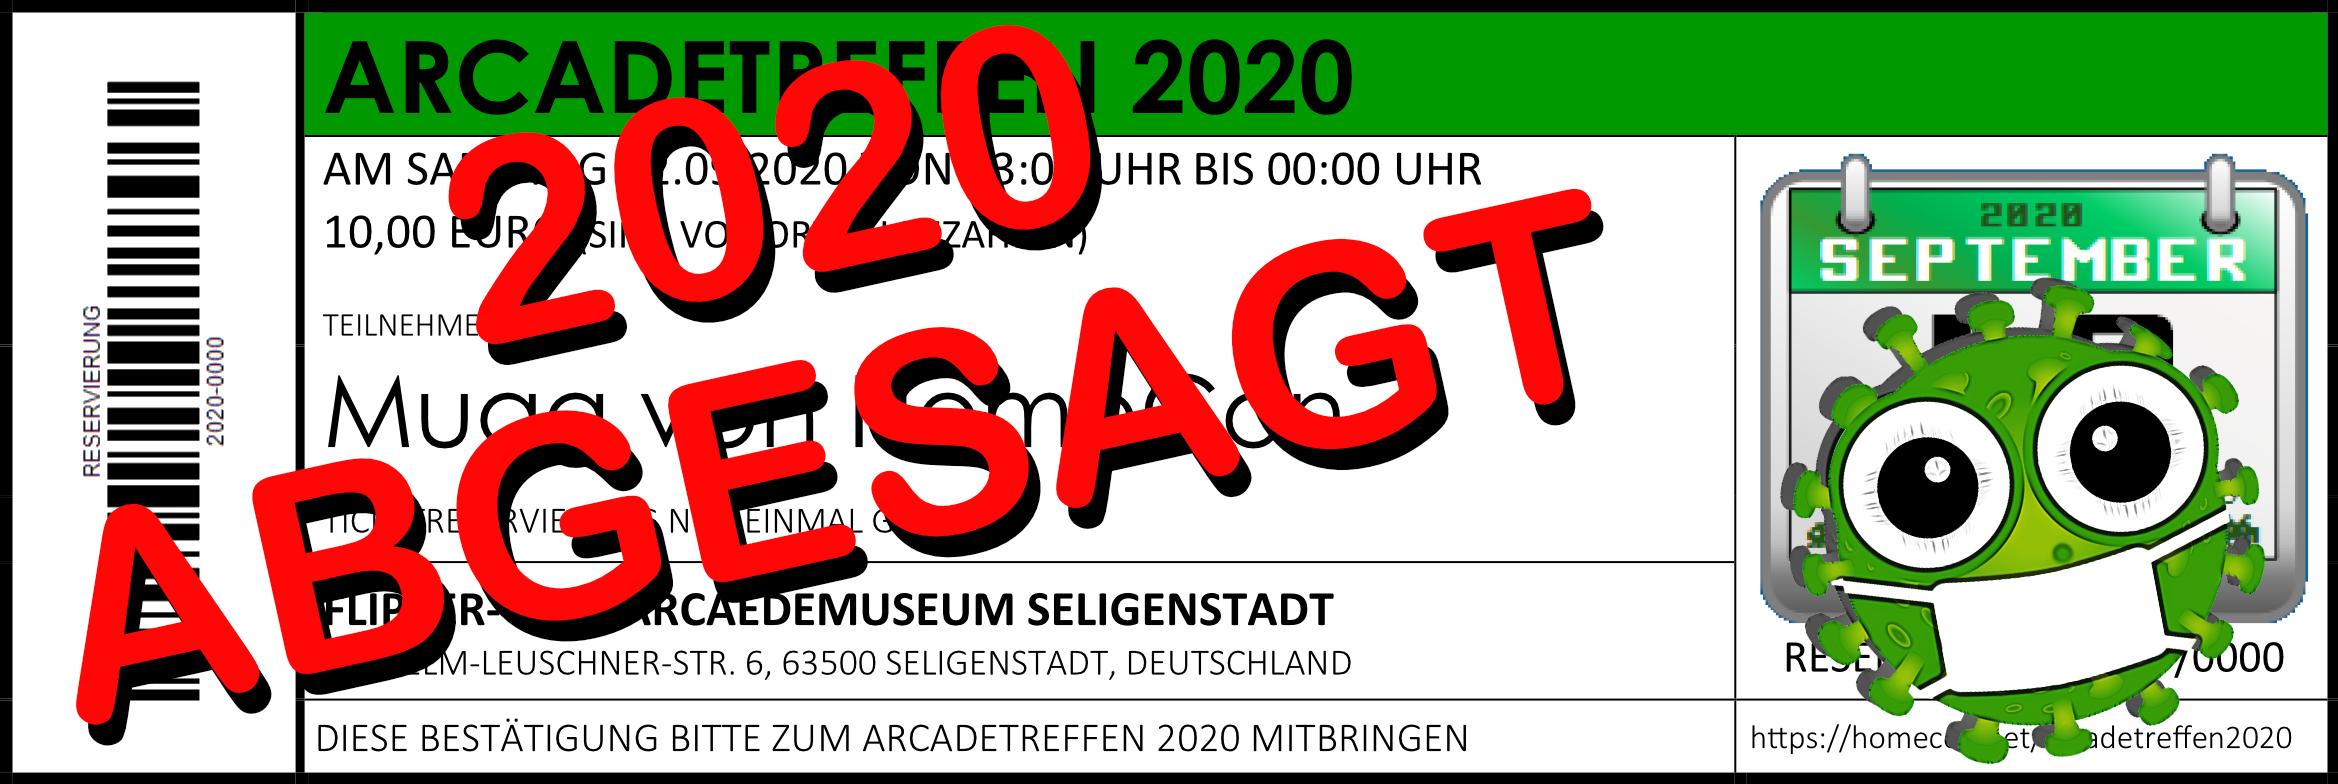 40933-2020-absage-arcadetreffenticket-jpg